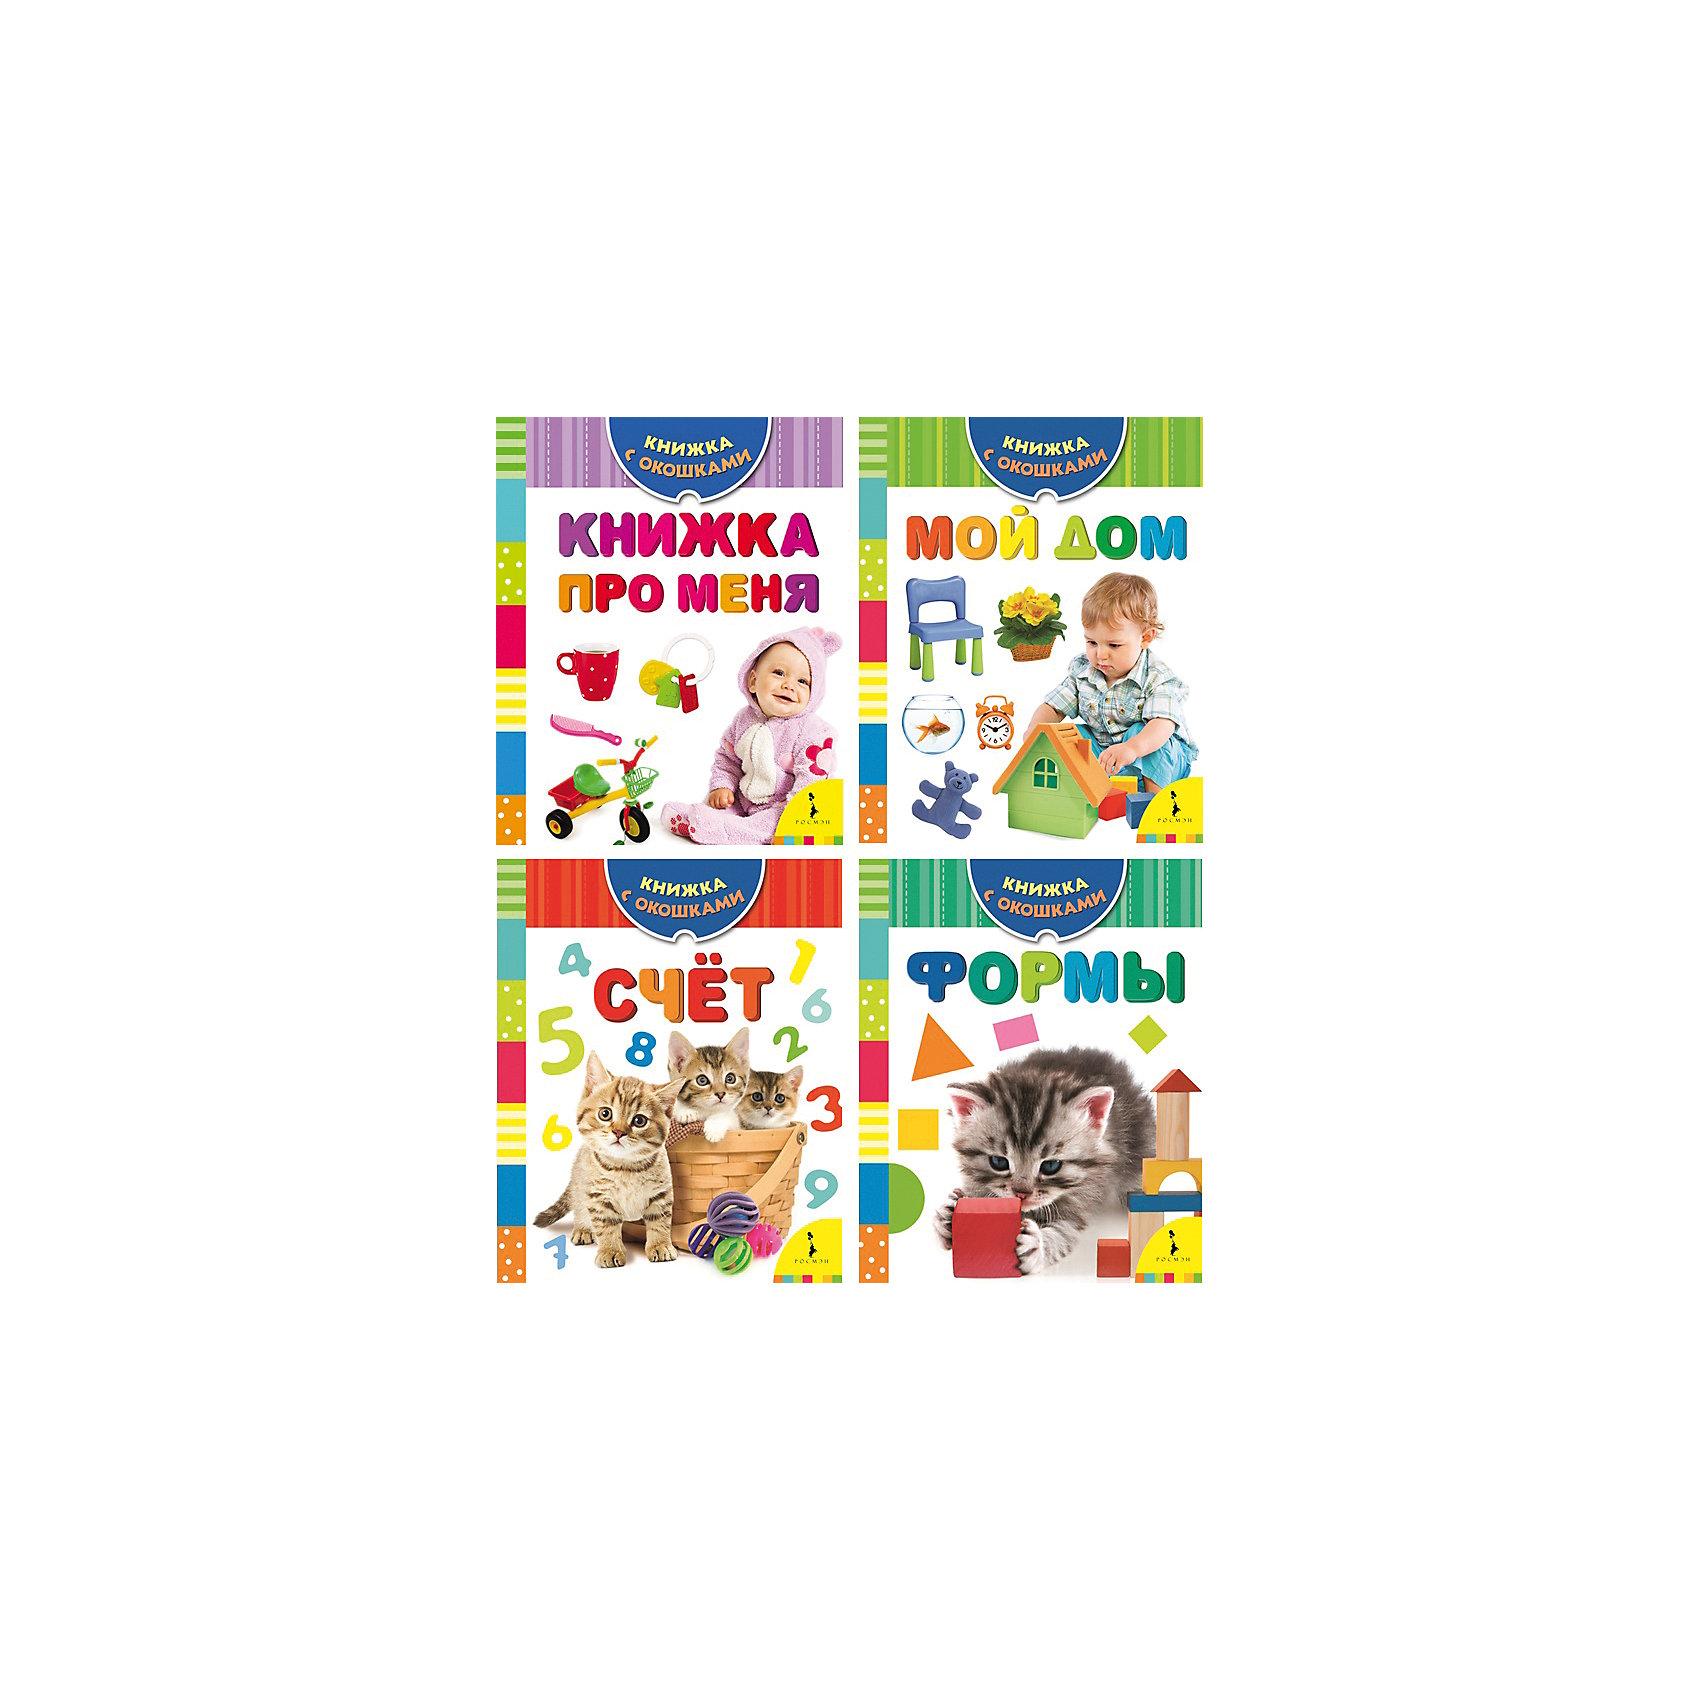 Комплект из 4 книг с окошкамиРазвивающая книжка с окошками Про меня расскажет малышу об окружающем мире. Яркие и красочные иллюстрации развивают зрительное восприятие. На каждой страничке книжки ребенок найдет знакомые предметы, игрушки и вещи. Кроме картинок в книжке есть интересные вопросы, ответы на которые прячутся в открывающихся окошках. Книжка формирует навыки логического мышления и расширяет кругозор ребенка.<br><br>Книжка Счет выполнена из качественного картона, картинки этой развивающей книжки - цветные. На картинках изображены животные, фрукты, игрушки, насекомые и другие предметы. Книжка предлагает ребенку самостоятельно решать простые задачки, ориентируясь на картинки. Например, на картинке, где 8 груш, есть надпись с этим числом. А где 8 чашек - окошко, открыв которое ребенок может себя проверить, ведь там - надпись с правильным ответом. Книжка учит ребенка счету в процессе игры.<br> Книжка-игрушка Формы содержит 8 плотных картонных страничек с различными фотографиями, под которыми и размещаются вопросы. А вот ответы на задания спрятаны в секретных окошках, в которые при необходимости можно заглянуть. Таким образом, малыш будет развивать своё мышление и с интересом проводить время. Серия Книжка с окошками предназначена для детей от двух лет.<br>В книжке-игрушке Мой дом содержатся интересные и  красочные собрания забавных заданий и несложных вопросов о домашних предметах, на которые предстоит ответить малышу. Книга состоит из  8 плотных картонных страничек с различными фотографиями, под которыми и размещаются вопросы. А вот ответы на задания спрятаны в секретных окошках, в которые при необходимости можно заглянуть. Таким образом, малыш будет развивать своё мышление и с интересом проводить время. <br><br> Дополнительная информация:<br><br>- возраст: от 3 лет<br>- пол: для мальчиков и девочек<br>- материал: картон, бумага.<br>- количество страниц: 8.<br>- размер книжки: 22 * 18 * 0.7 см.<br>- тип обложки: твердый.<br>- иллюстрации: цветные. <br>- бренд: Р